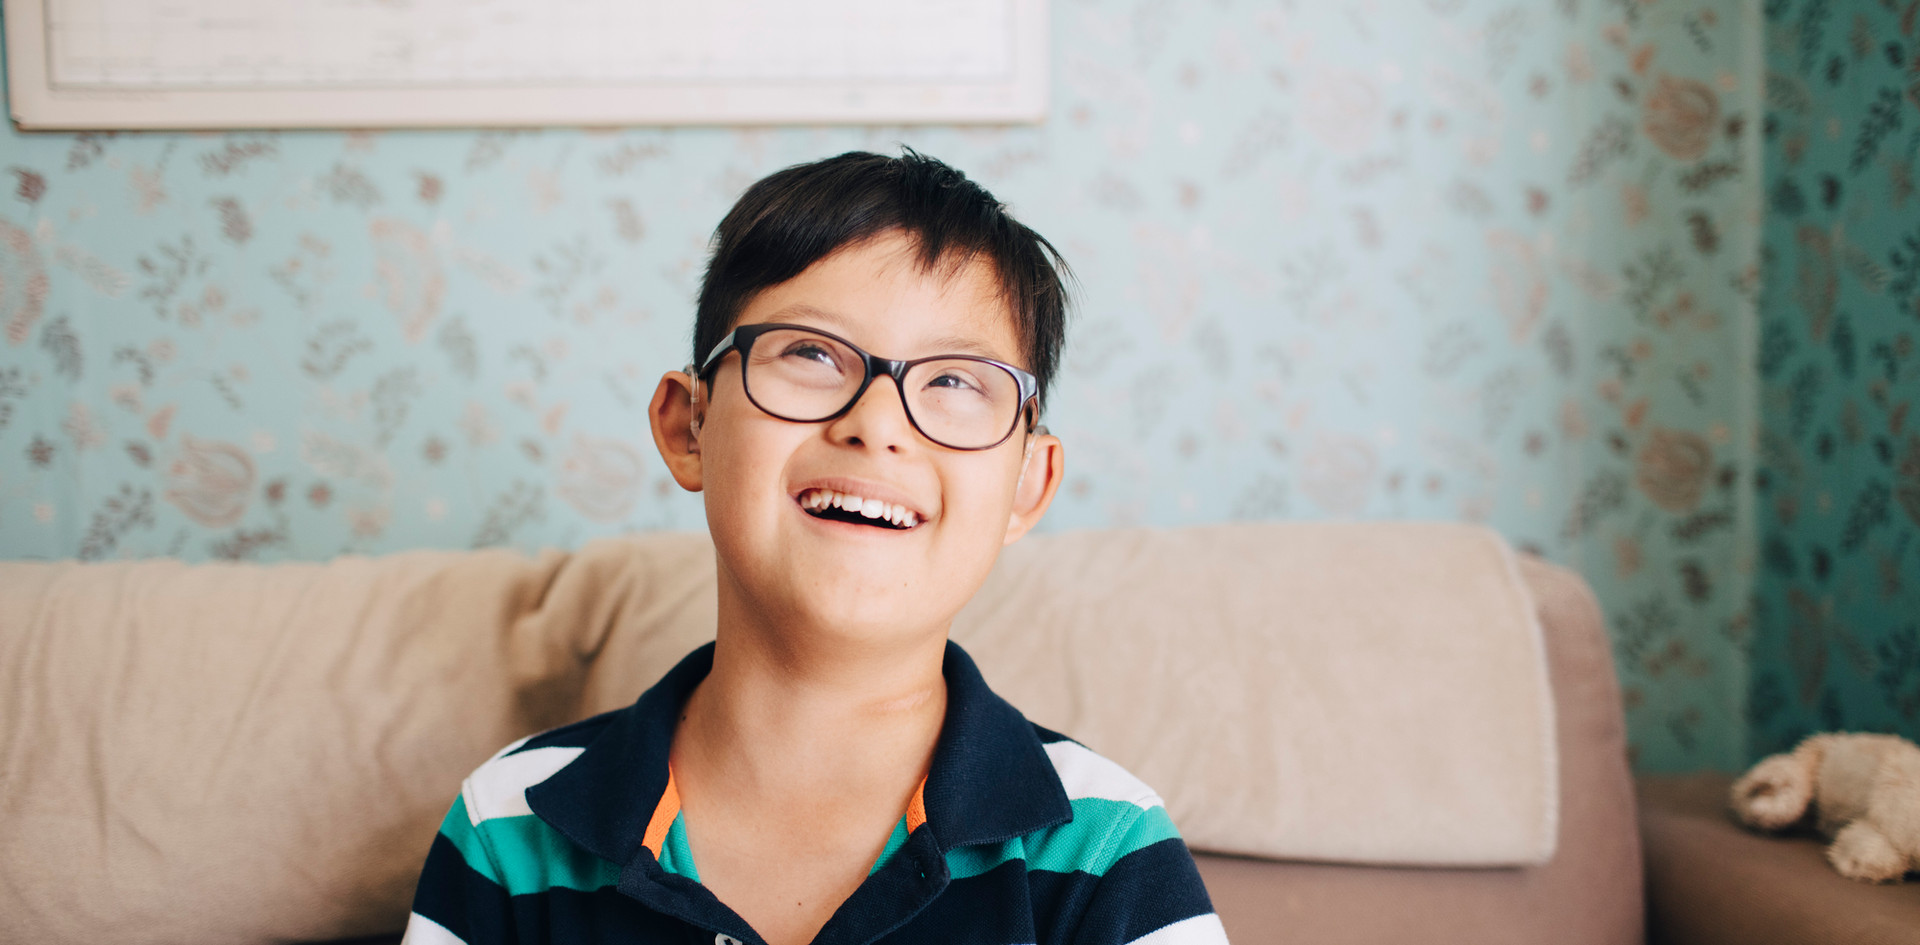 Retrato de un niño con gafas